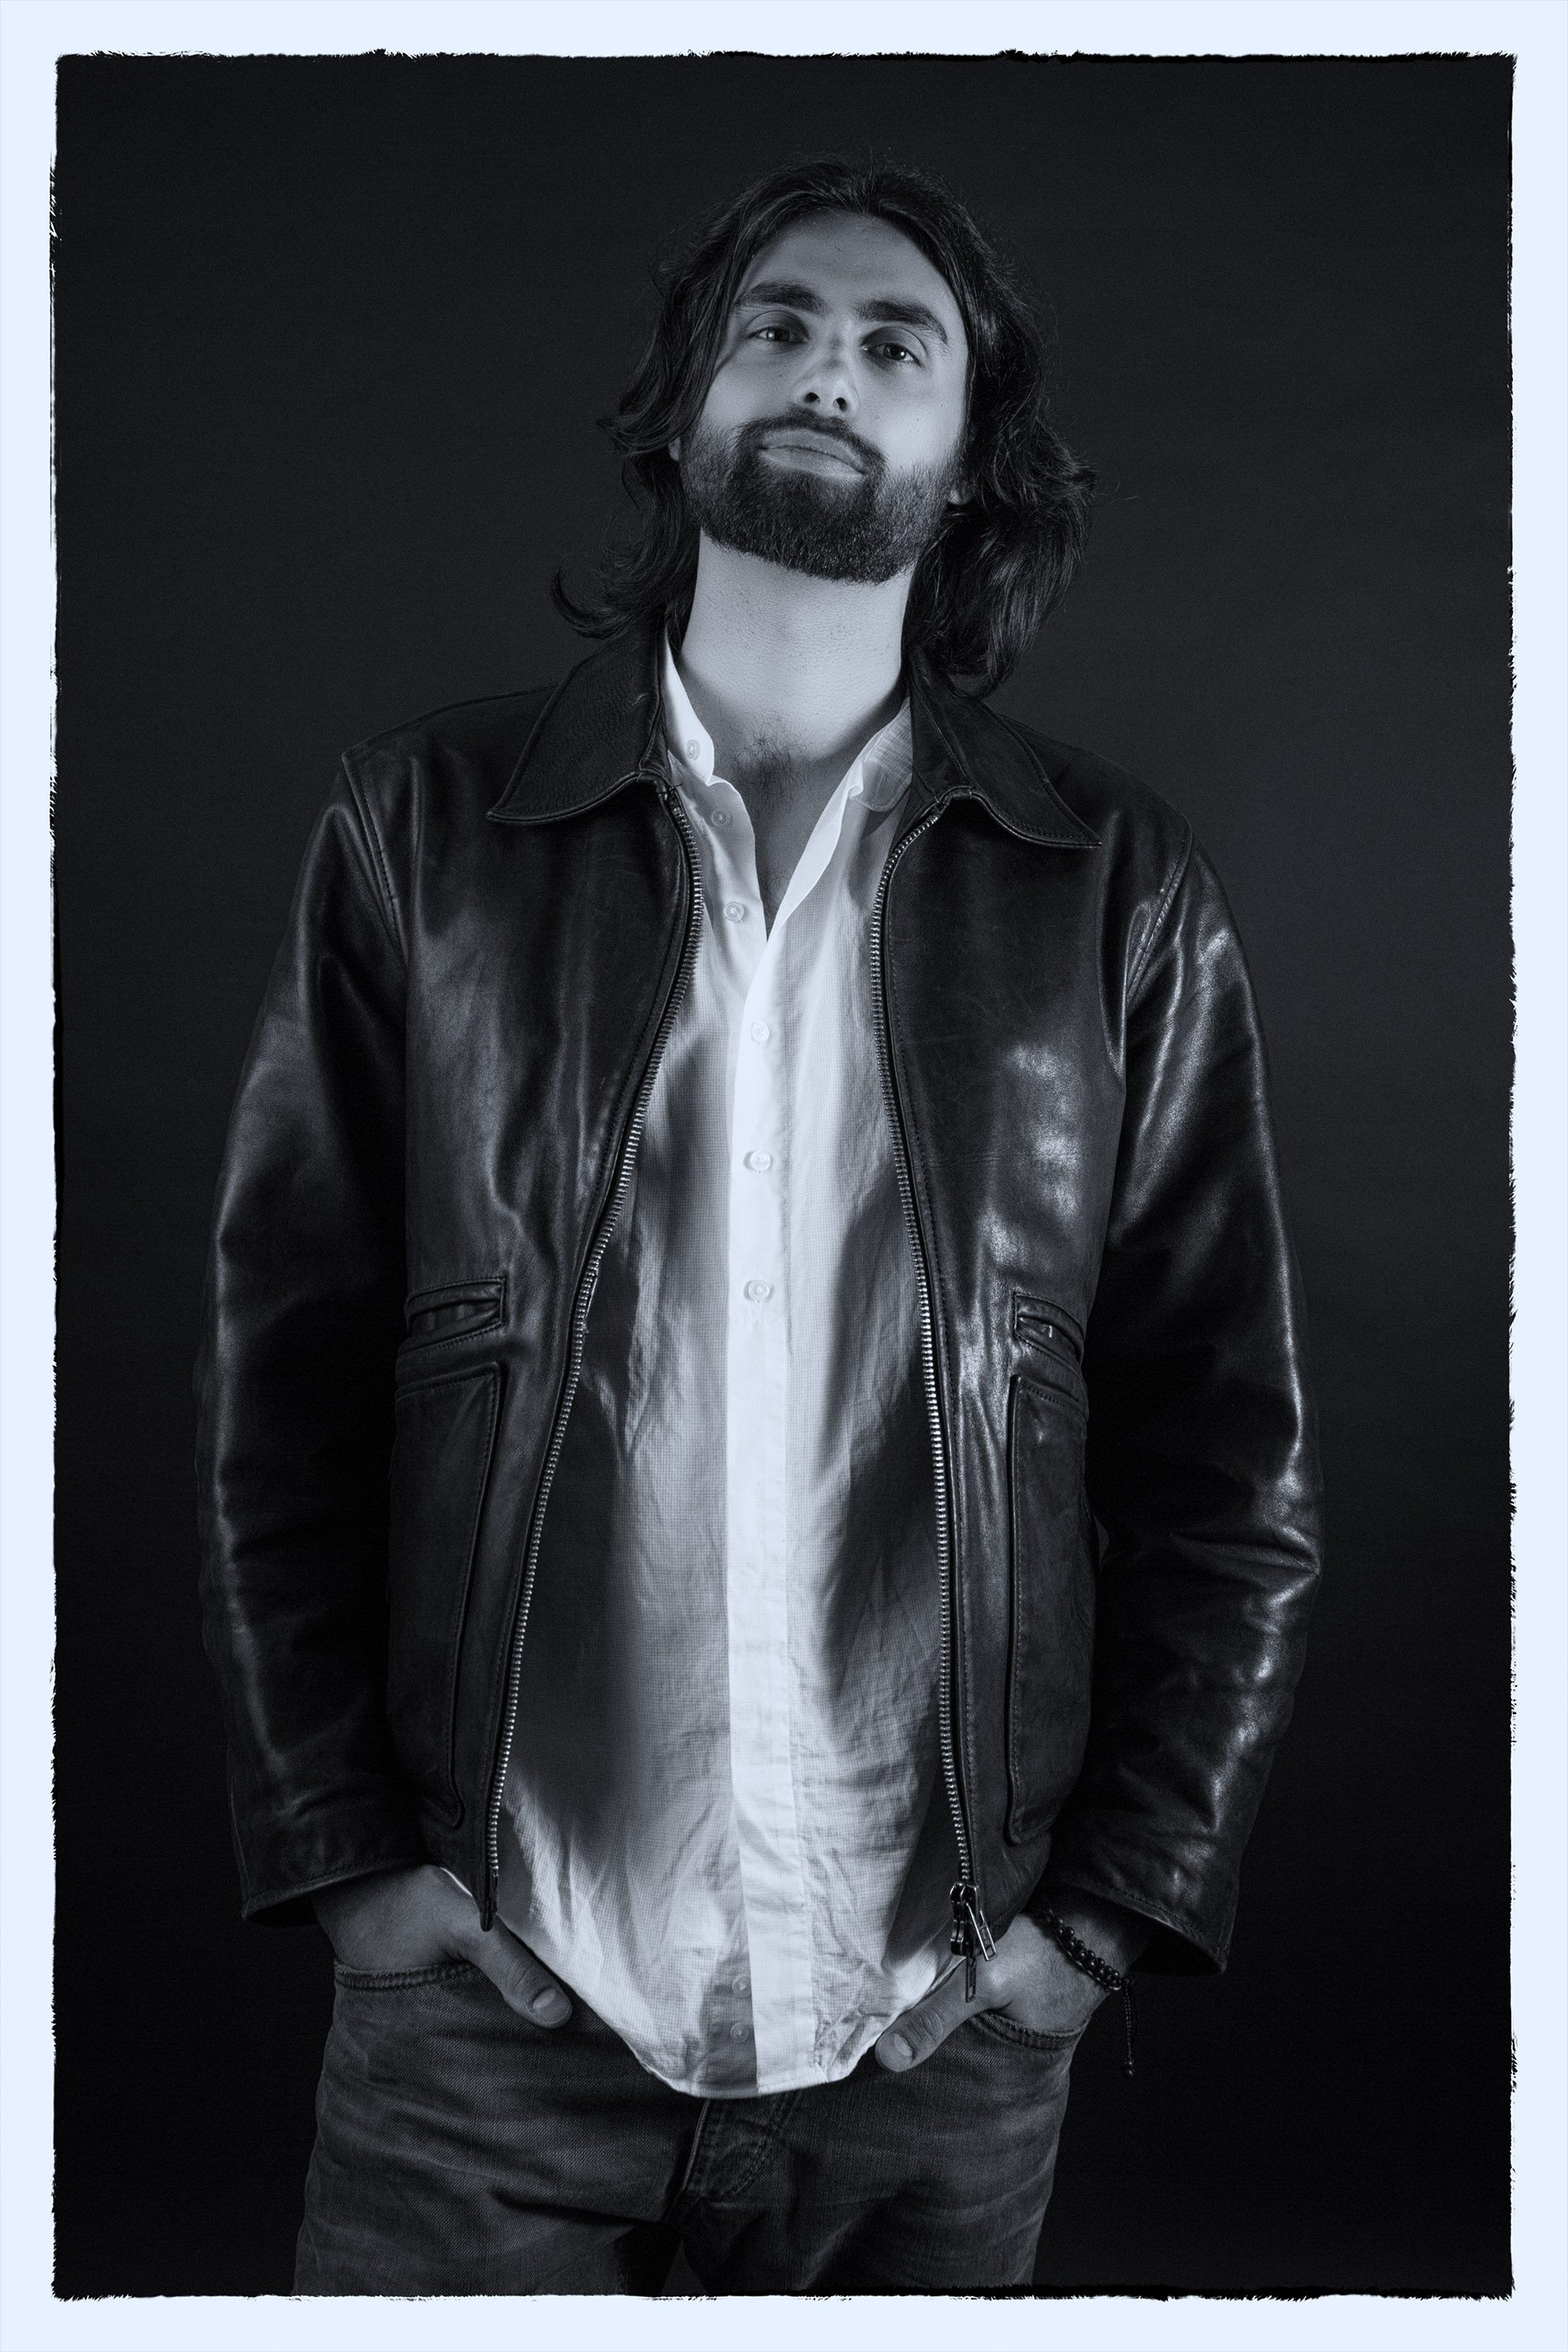 Milo Lombardi B&W portrait